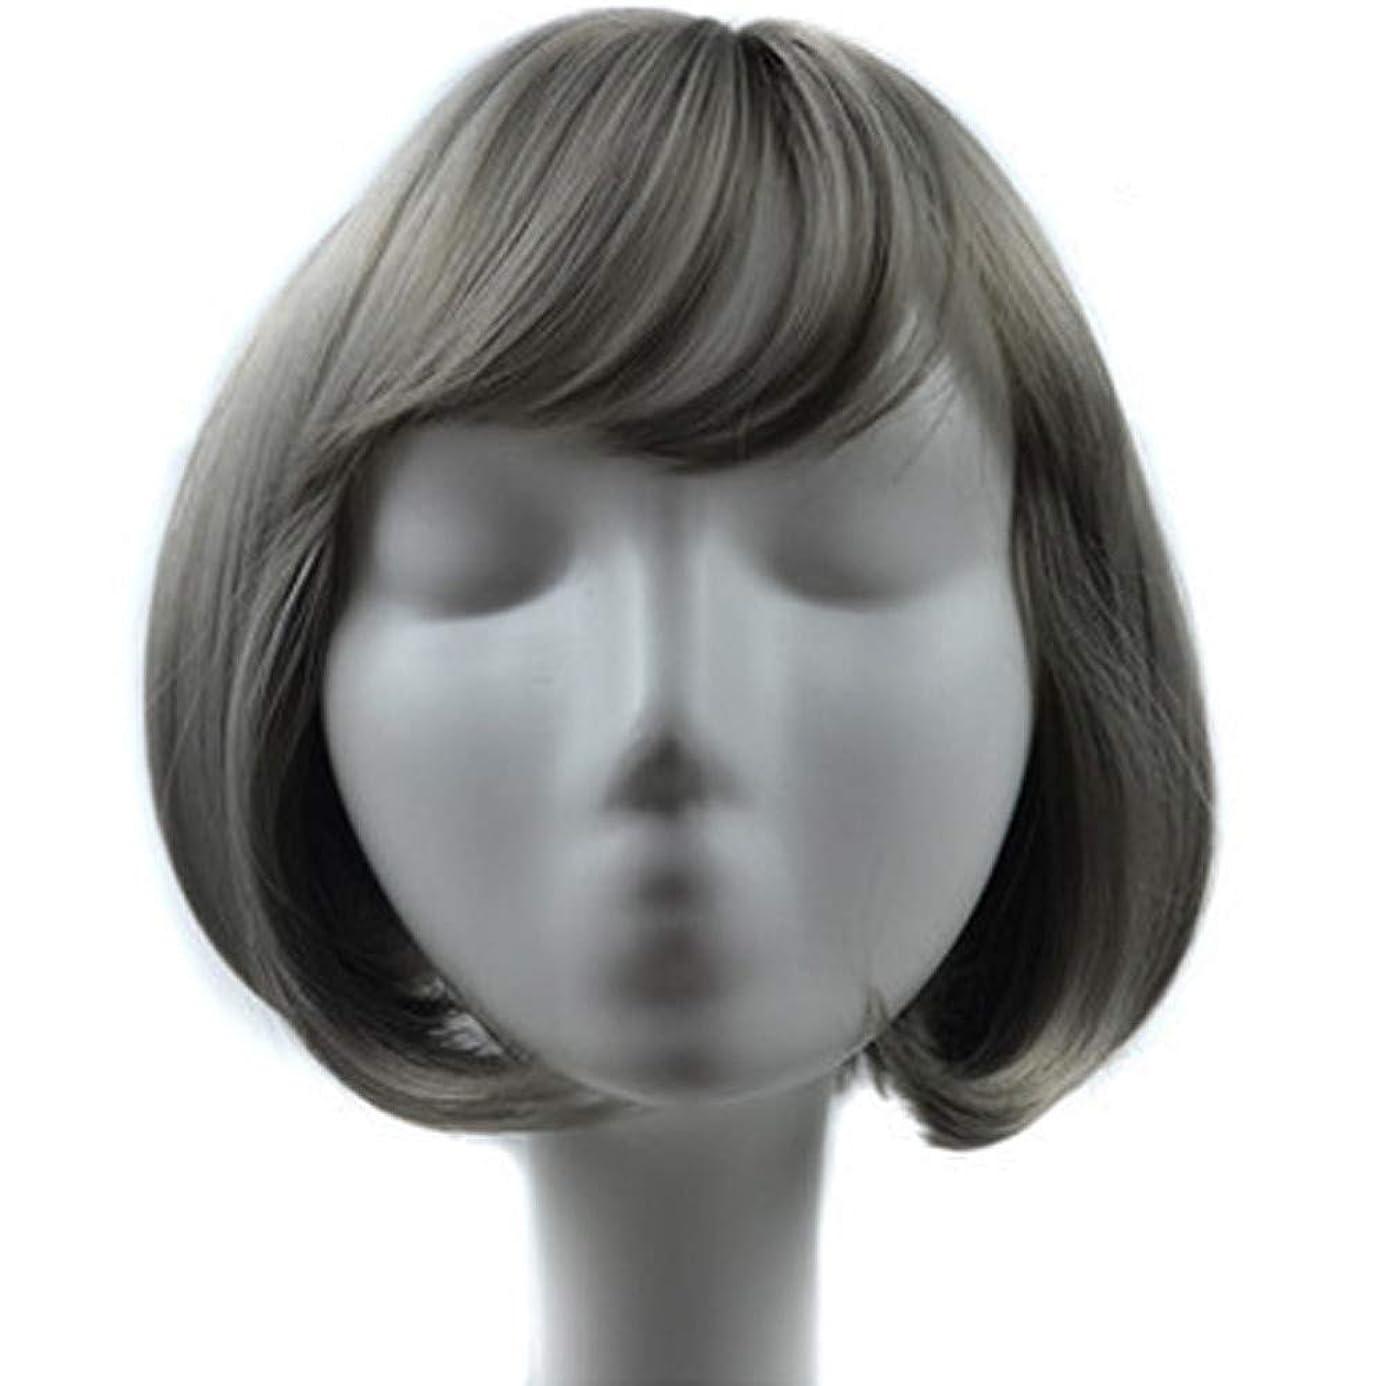 原告貧しい行政Lazayyii女子 かつら エアバン 天然のリアル ヘア前髪エアバンボボヘッドナシウィッグ (グレー)